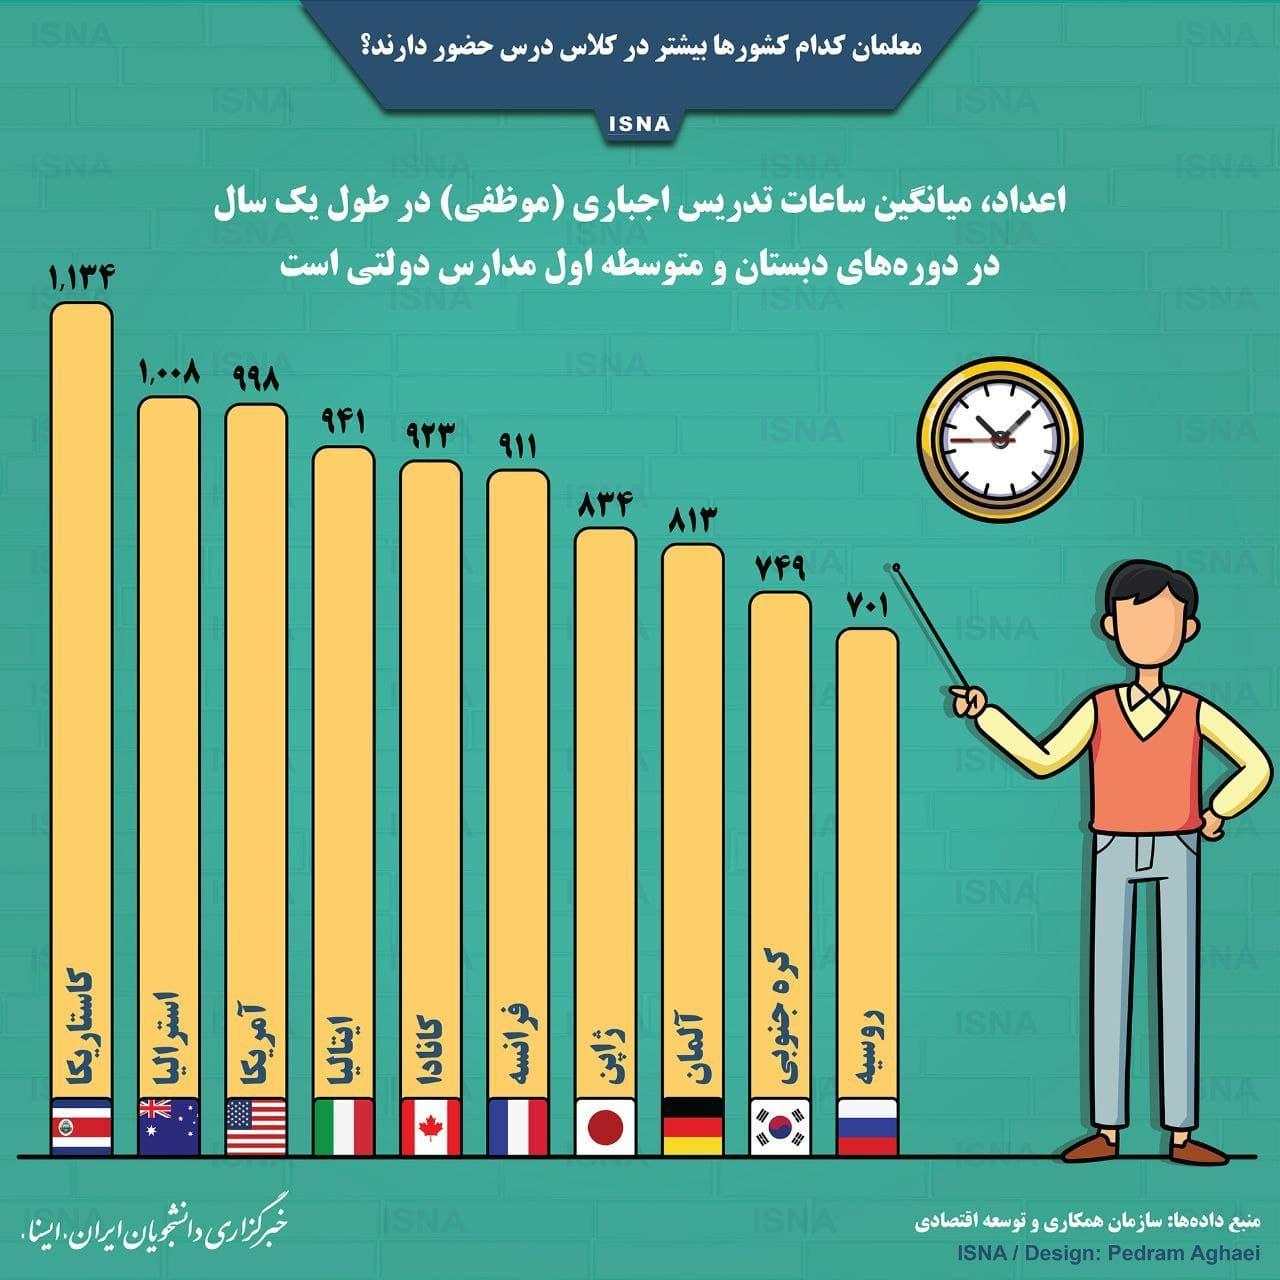 معلمان کدام کشورها بیشتر در کلاس درس حضور دارند؟